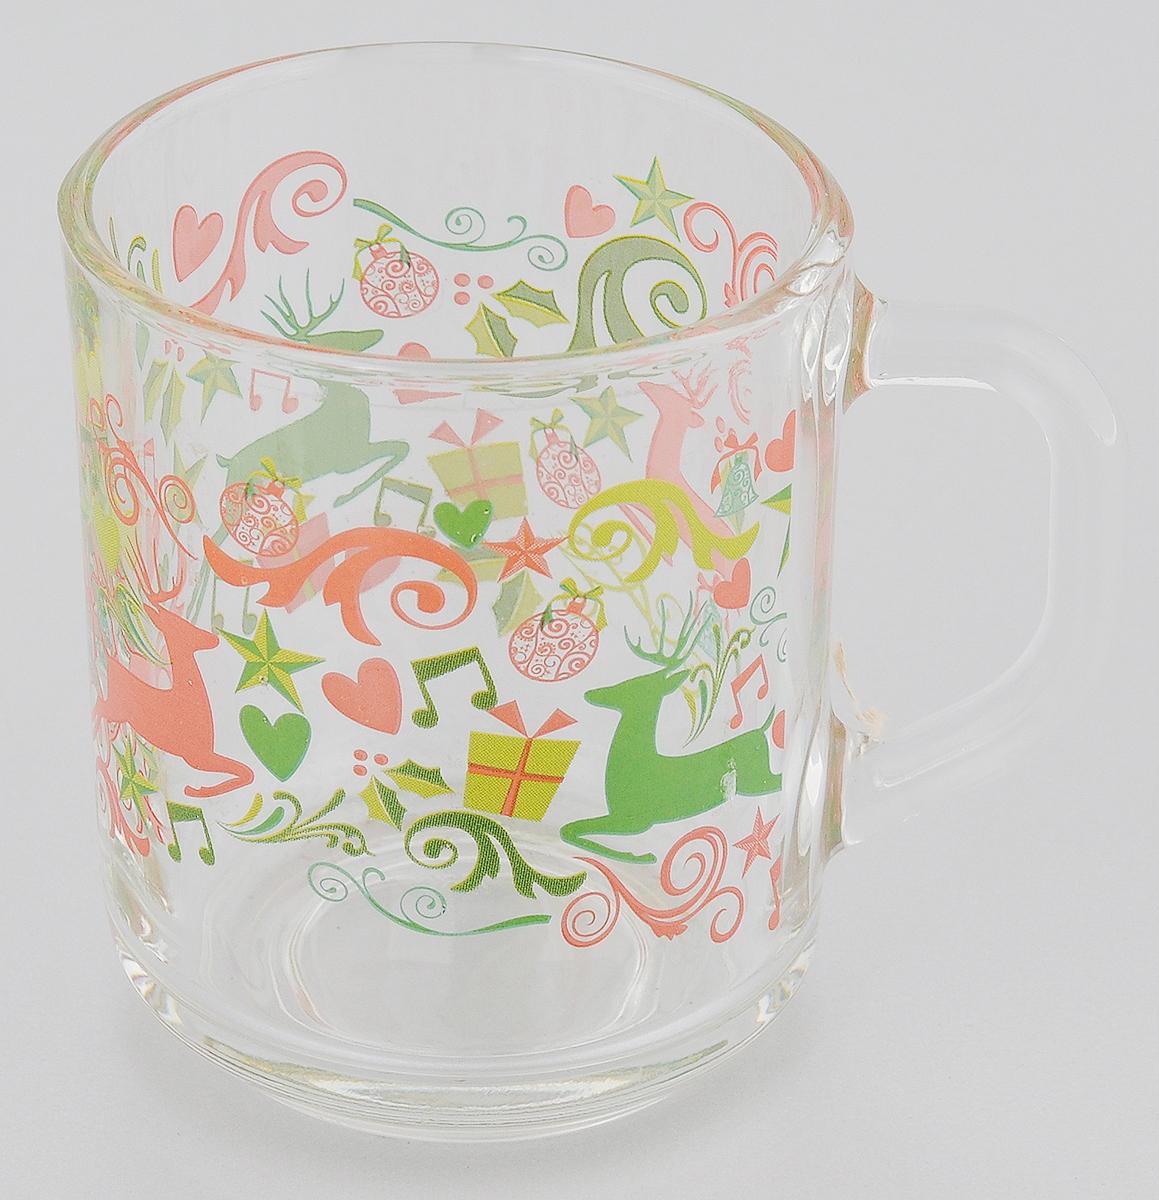 Кружка ОСЗ Green Tea. Олени и подарки, 200 мл07с1335 ДЗОлениП крКружка ОСЗ Green Tea. Олени и подарки выполнена из высококачественного прозрачного стекла, которое изысканно блестит и переливается на свету.Внешняя стенка изделия декорирована изображением оленей. Такая кружка станет неизменным атрибутом чаепития и порадует вас классическим лаконичным дизайном и практичностью.